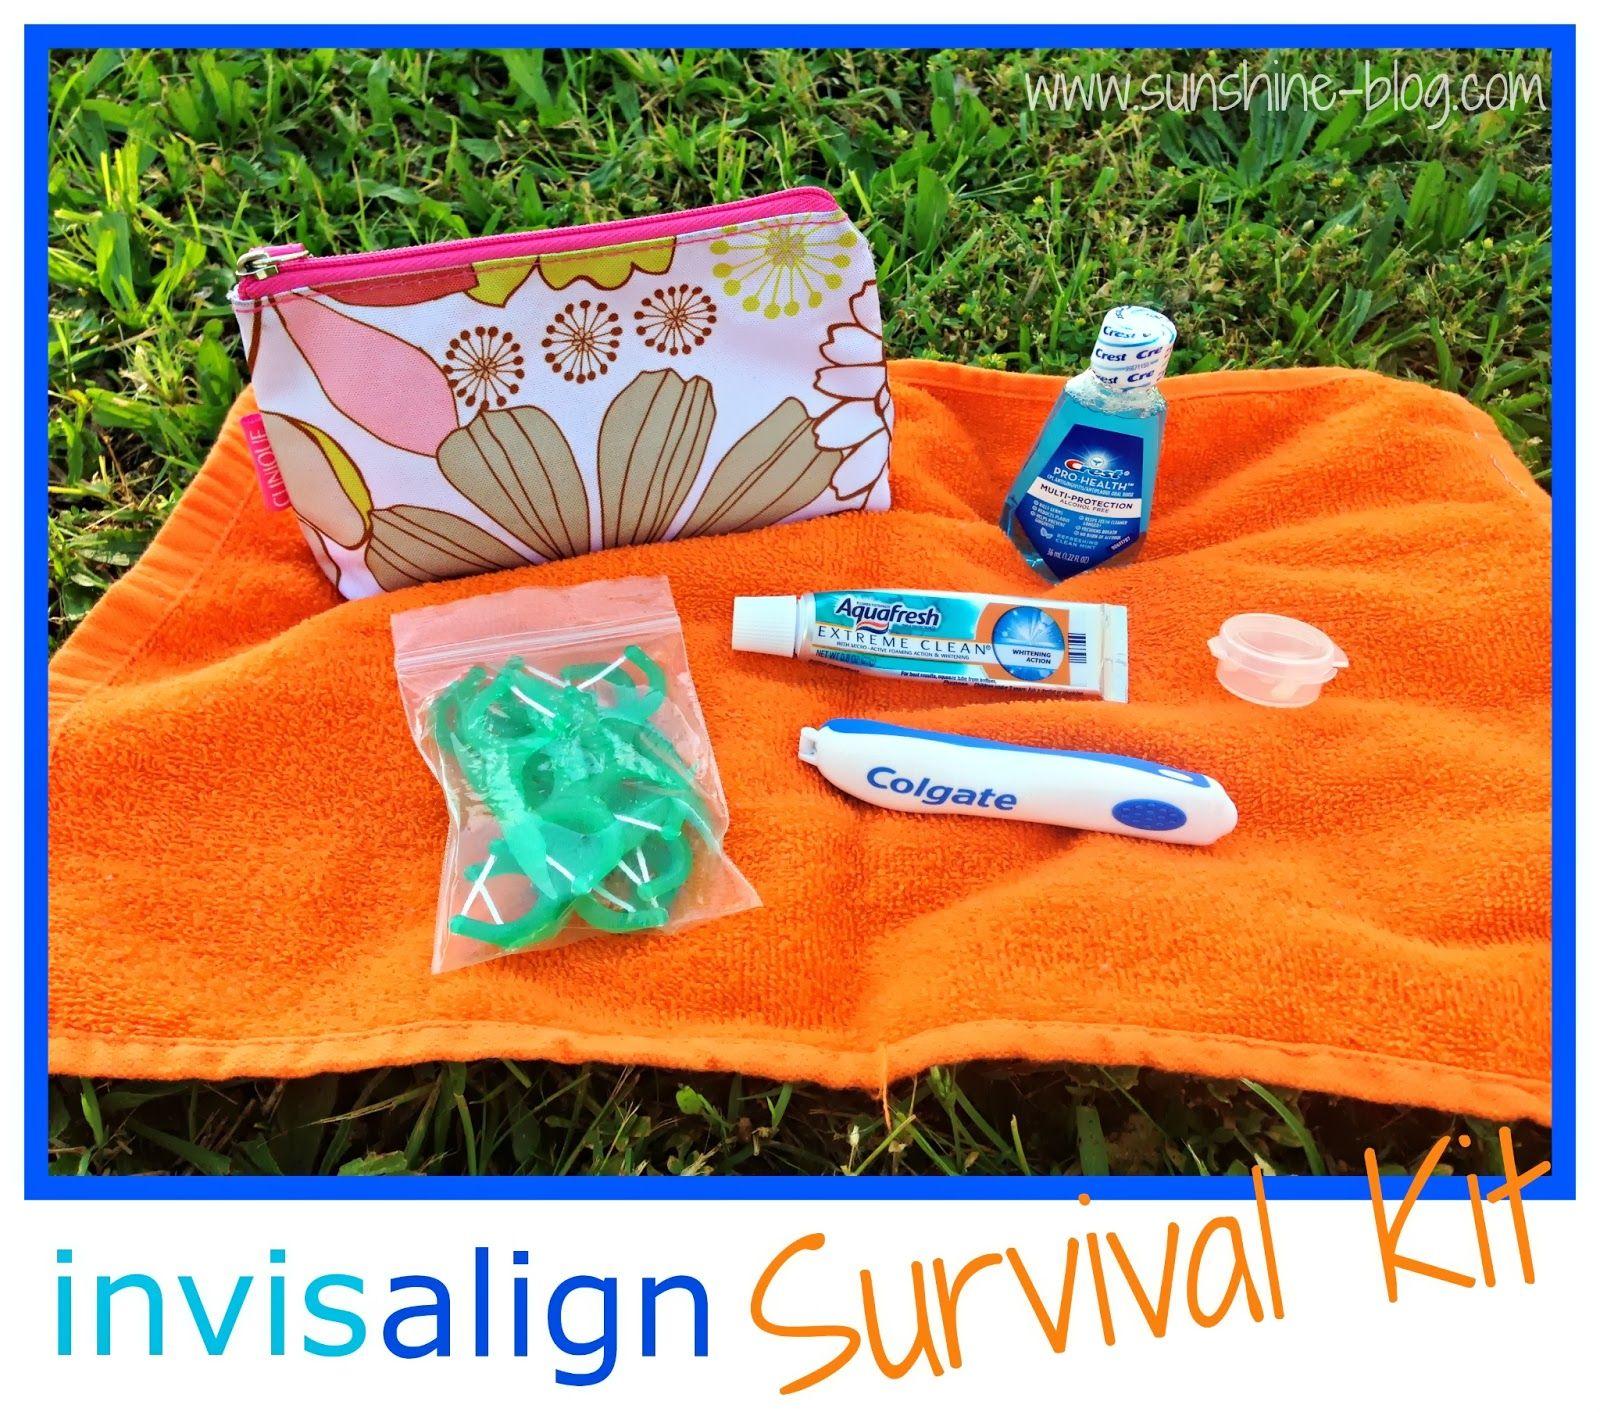 Sunshine! Invisalign Survival Kit Teeth care, Teeth